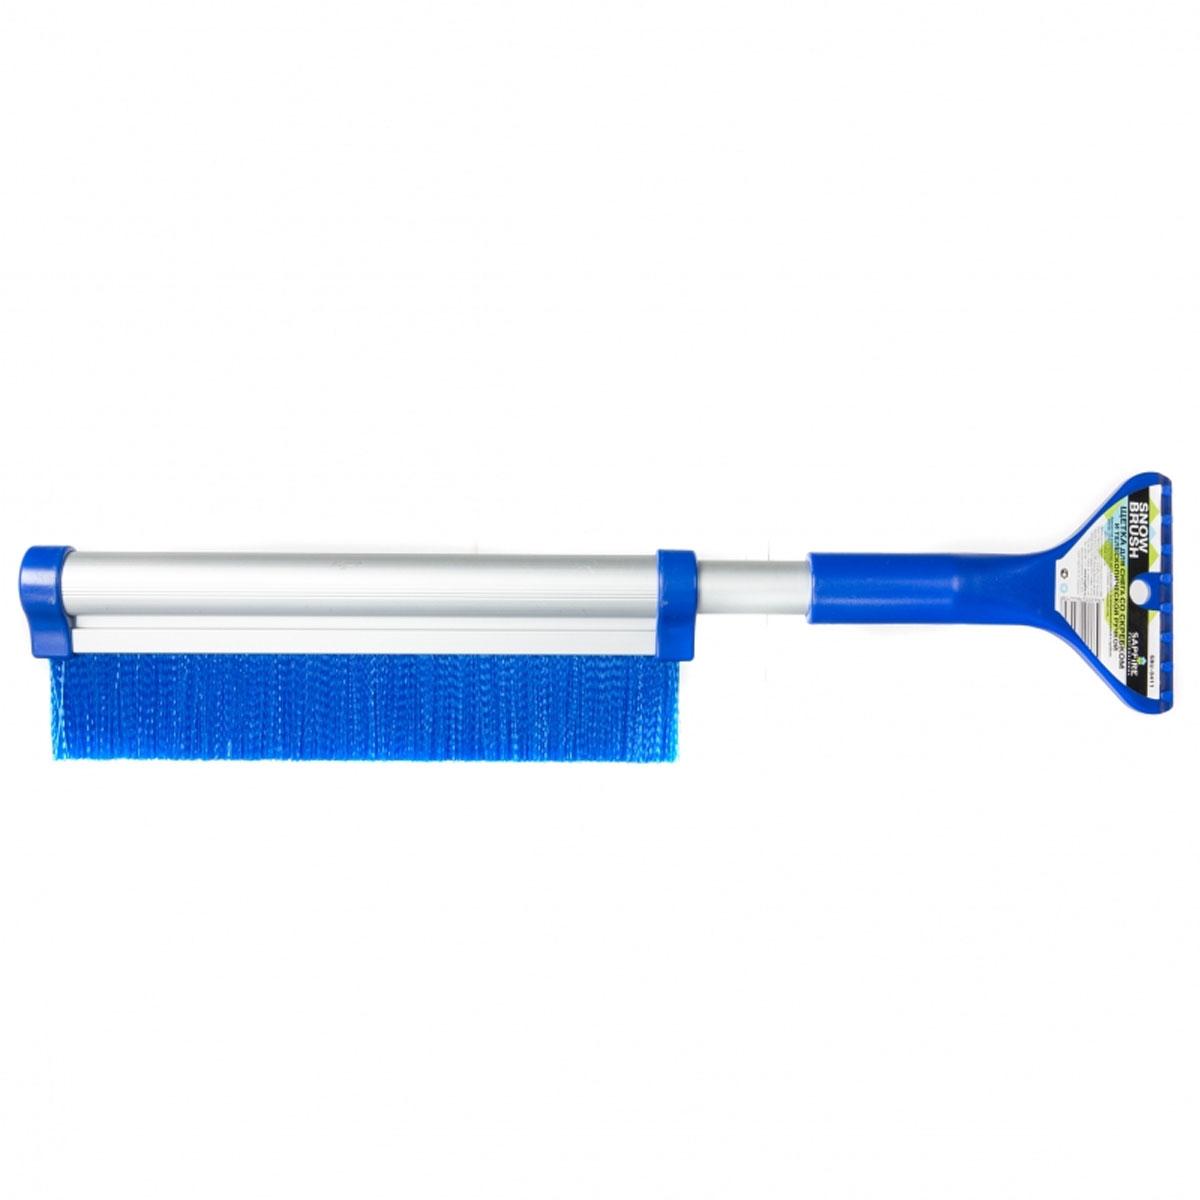 Щетка для снега Sapfire, со скребком и телескопической ручкой, цвет: синий, 42-64 см0411-SBU_синийЩетка Sapfire предназначена для удаления снега и льда. Имеет легкую поворотную телескопическую рукоятку из прочного алюминиевого сплава. Удобная выдвижная рукоятка облегчает процесс чистки крыши автомобиля. Мягкая щетина, изготовленная из прочного полимера, бережно удаляет снег, не царапая лакокрасочное покрытие. Щетка оснащена мощным скребком с зубьями для толстого льда.Ширина скребка: 9,5 см.Длина рабочей части щетки: 25,5 см.Максимальная длина щетки: 64 см.Минимальная длина щетки: 42 см.